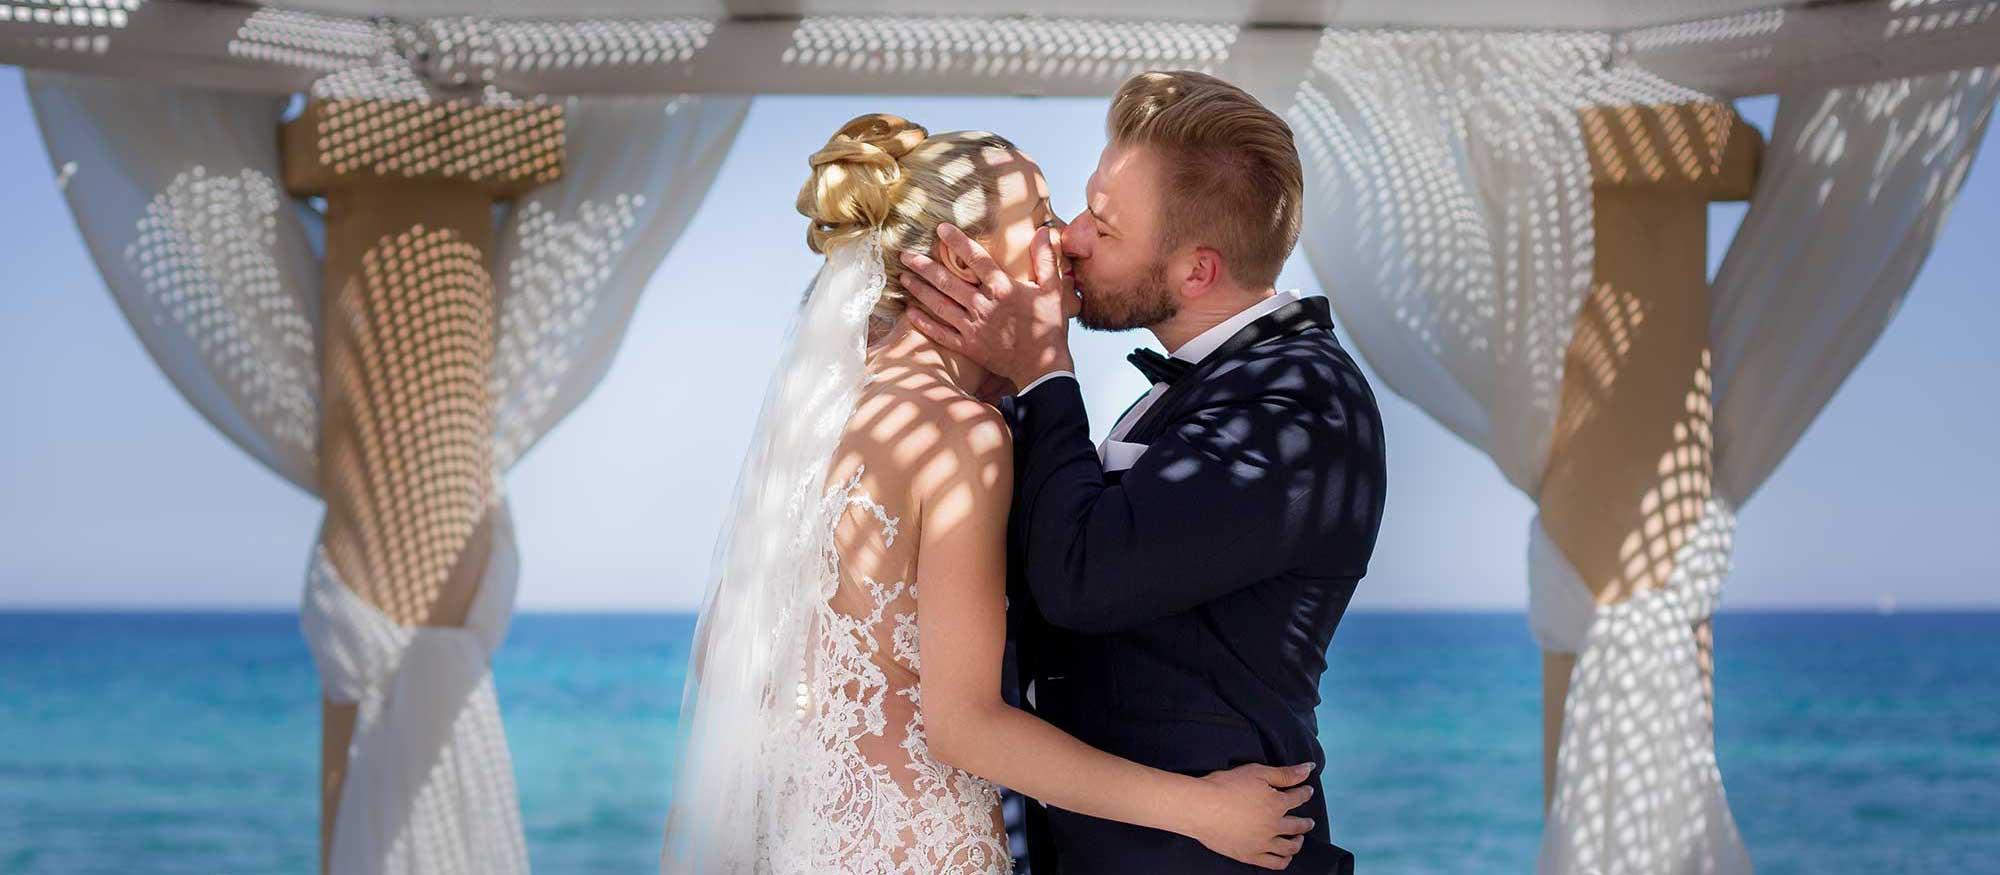 Hochzeitsfotograf in Stuttgart und Umgebung Sommerhochzeit auf Mallorca